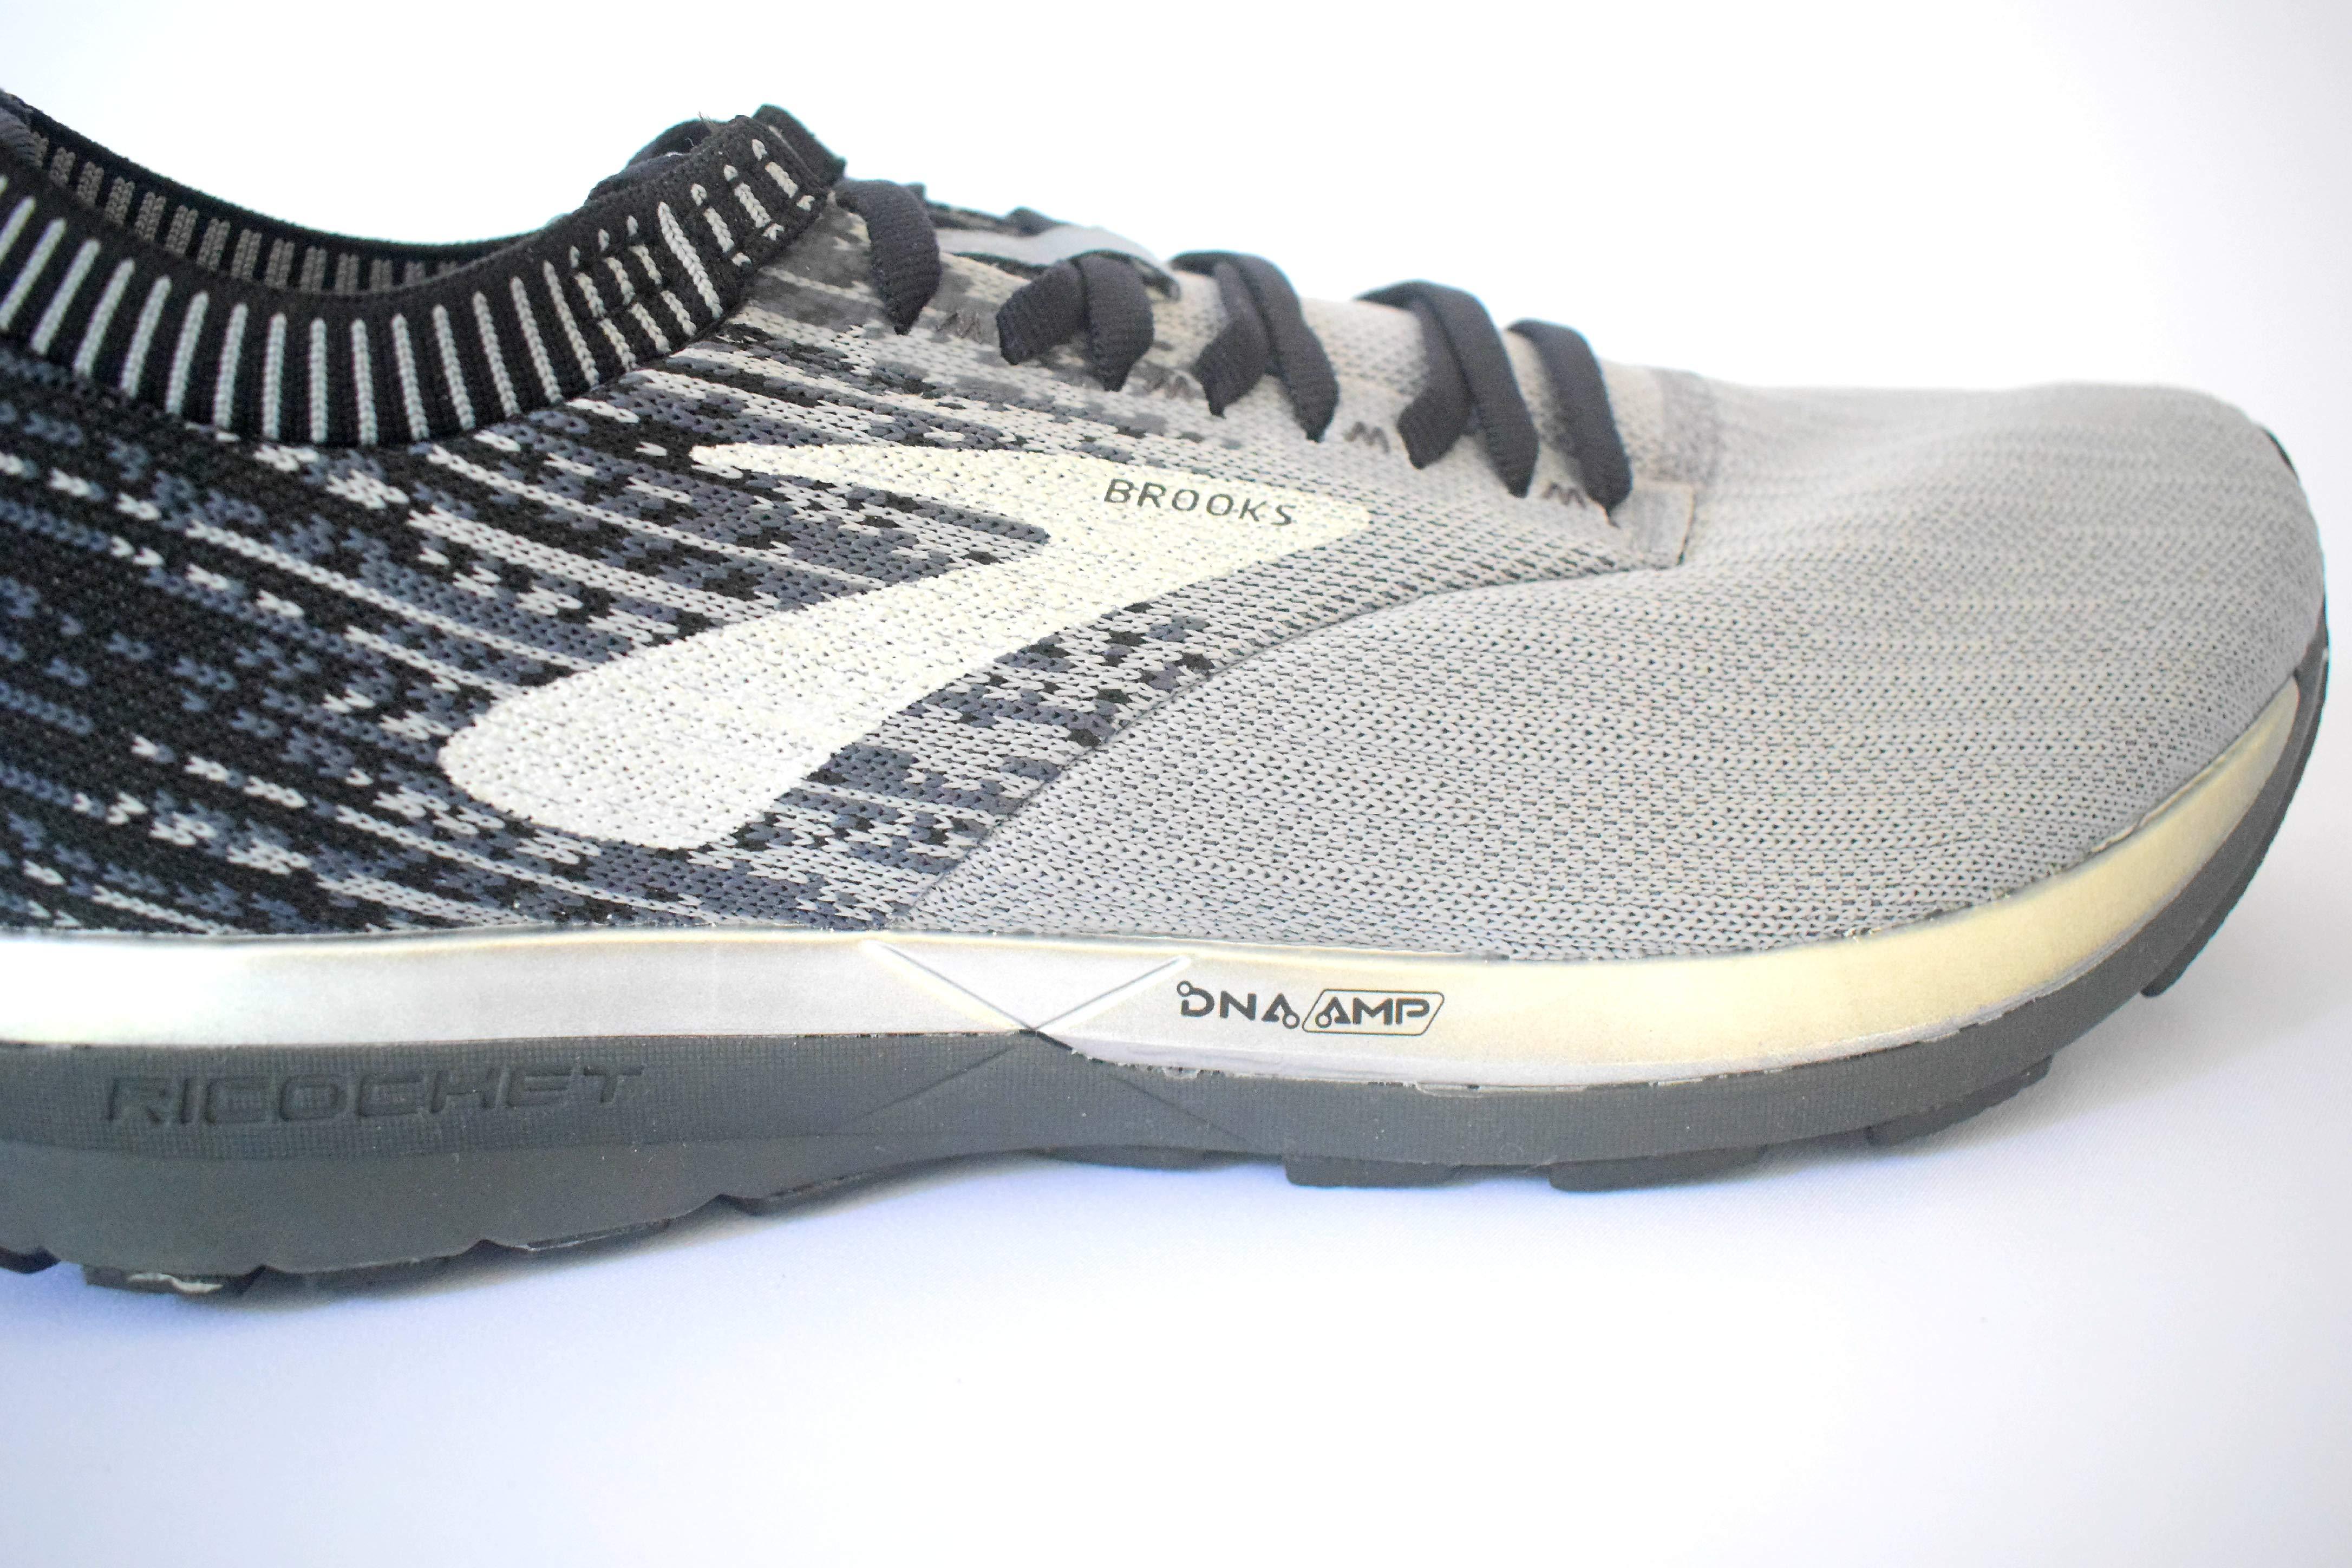 Brooks Ricochet Shoe Review | Zappos.com